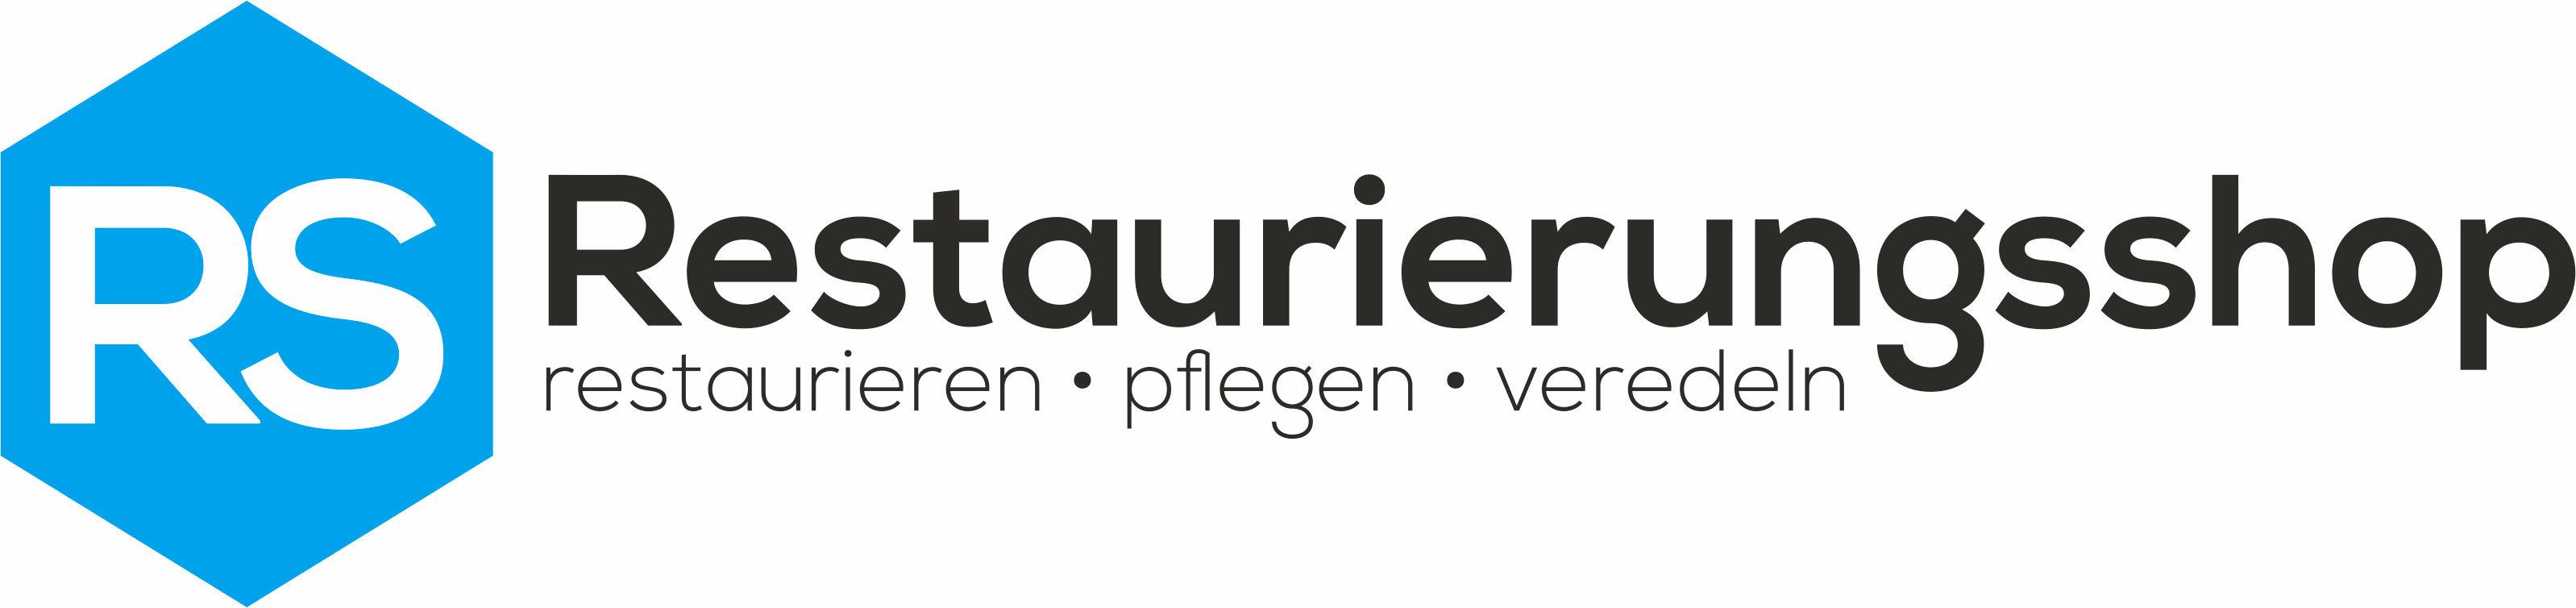 Restaurierungsshop-Logo